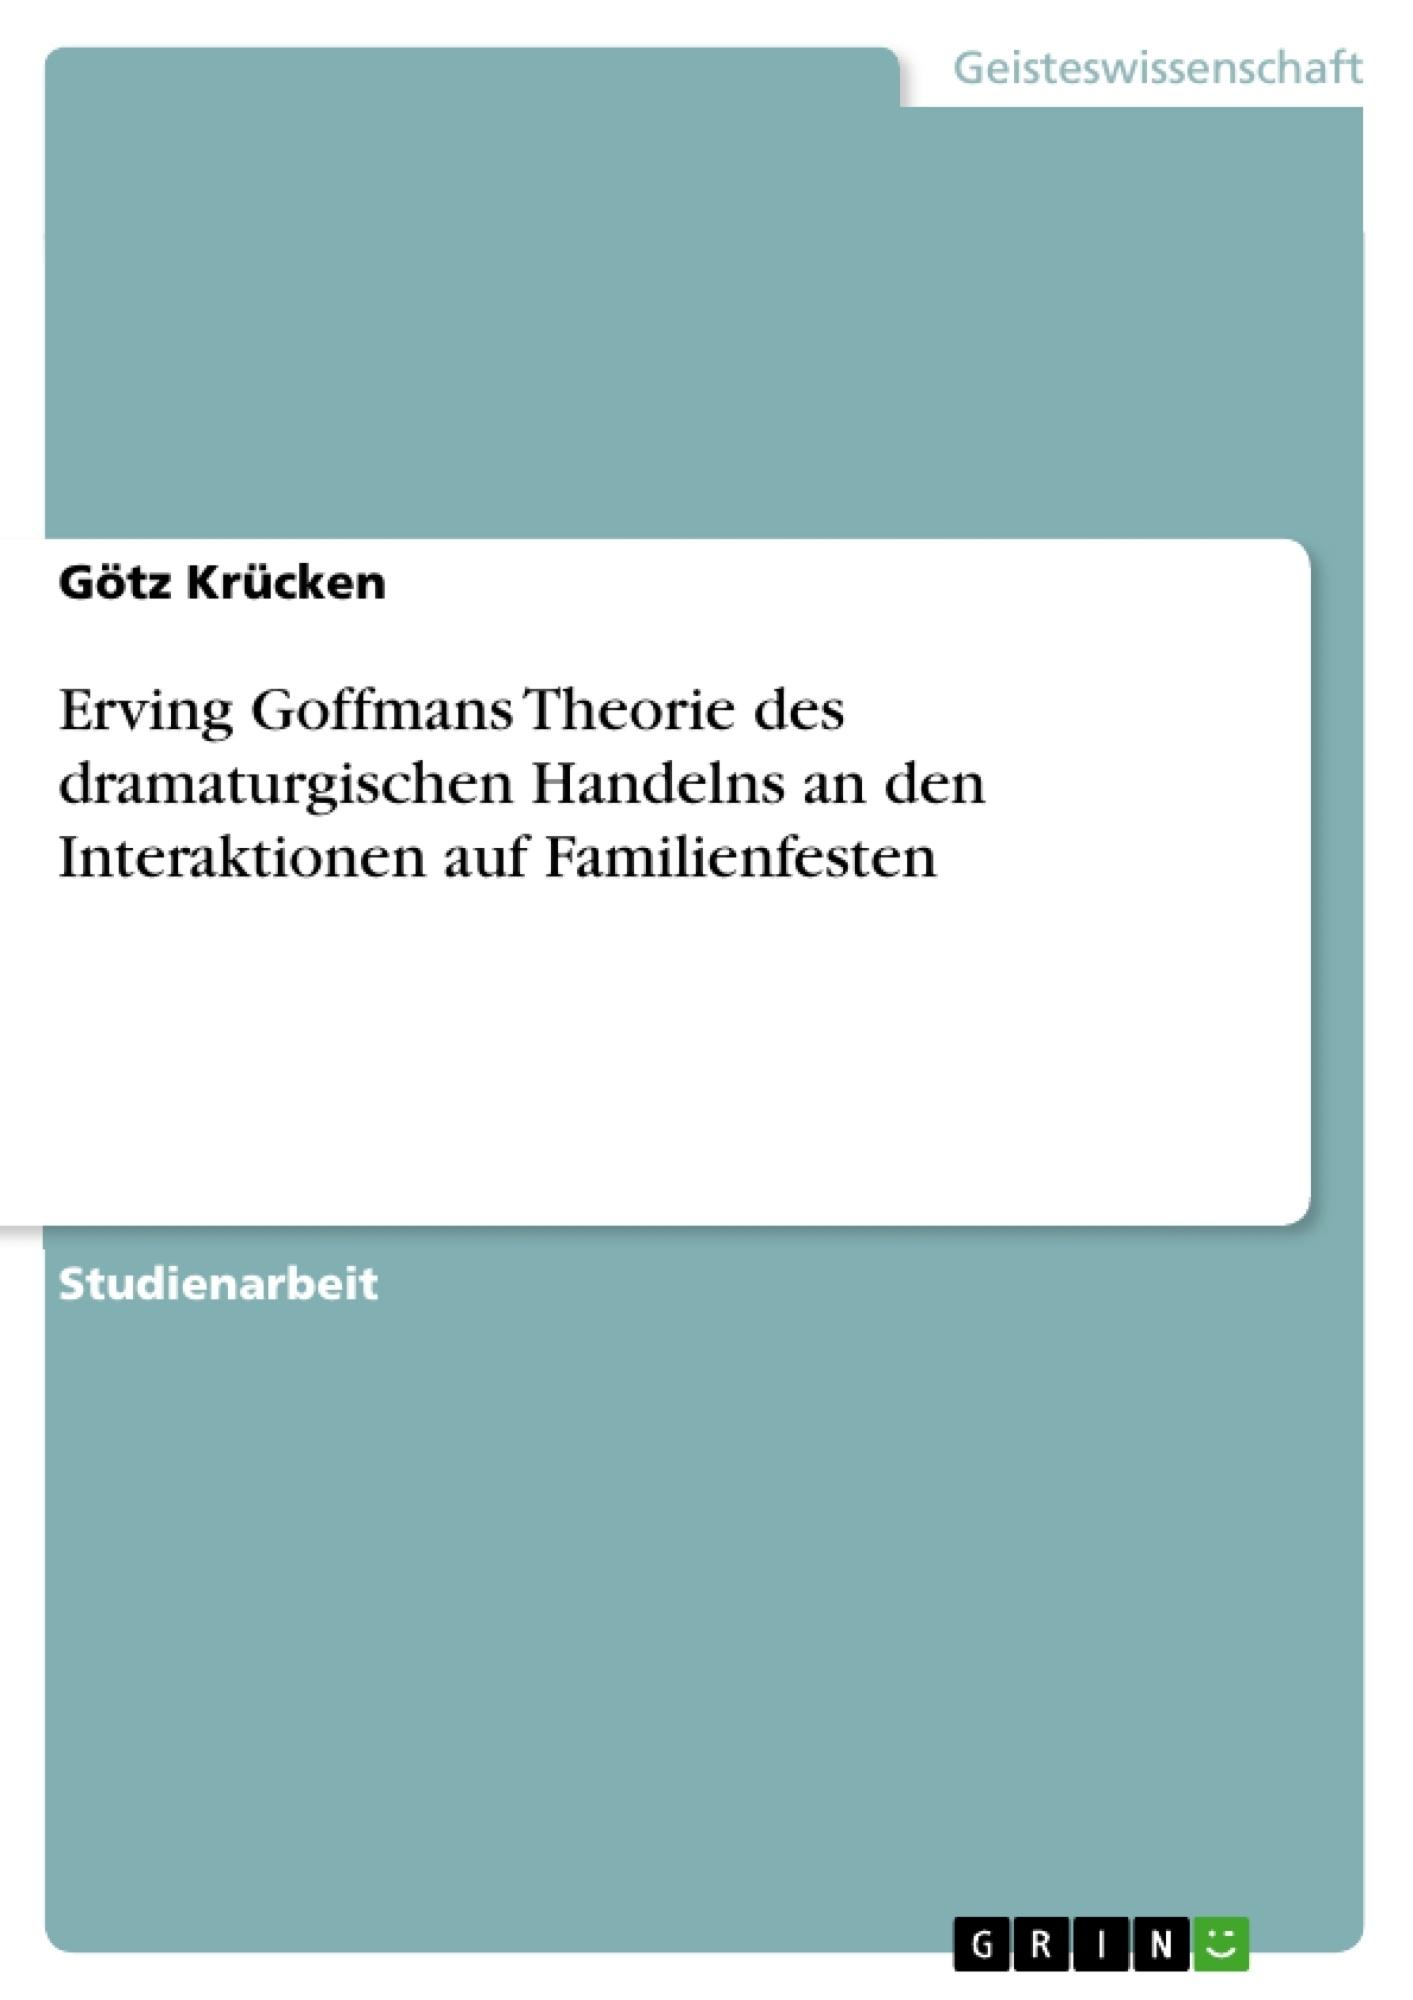 Titel: Erving Goffmans Theorie des dramaturgischen Handelns an den Interaktionen auf Familienfesten